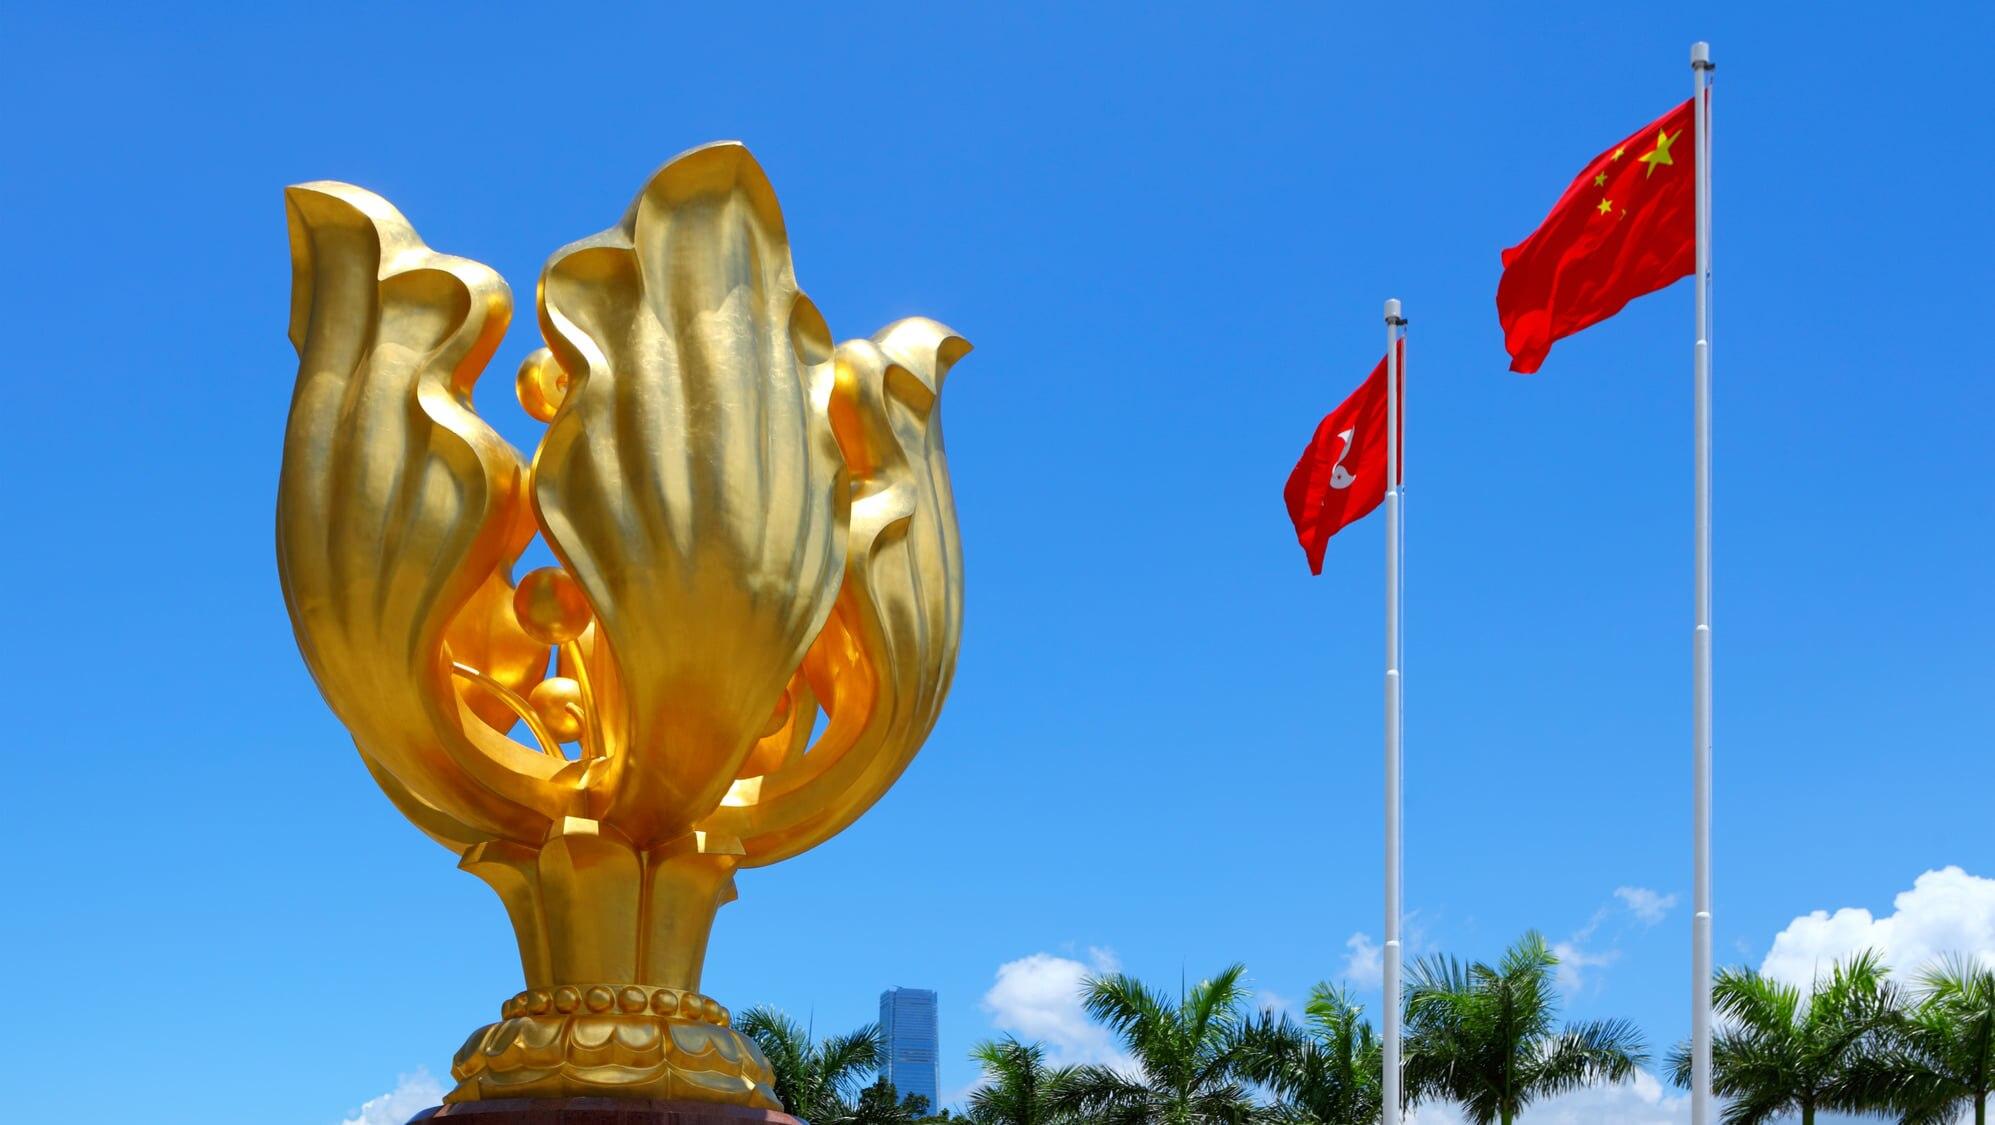 香港を象徴する観光名所「ゴールデン・バウヒニア・スクエア」とは?